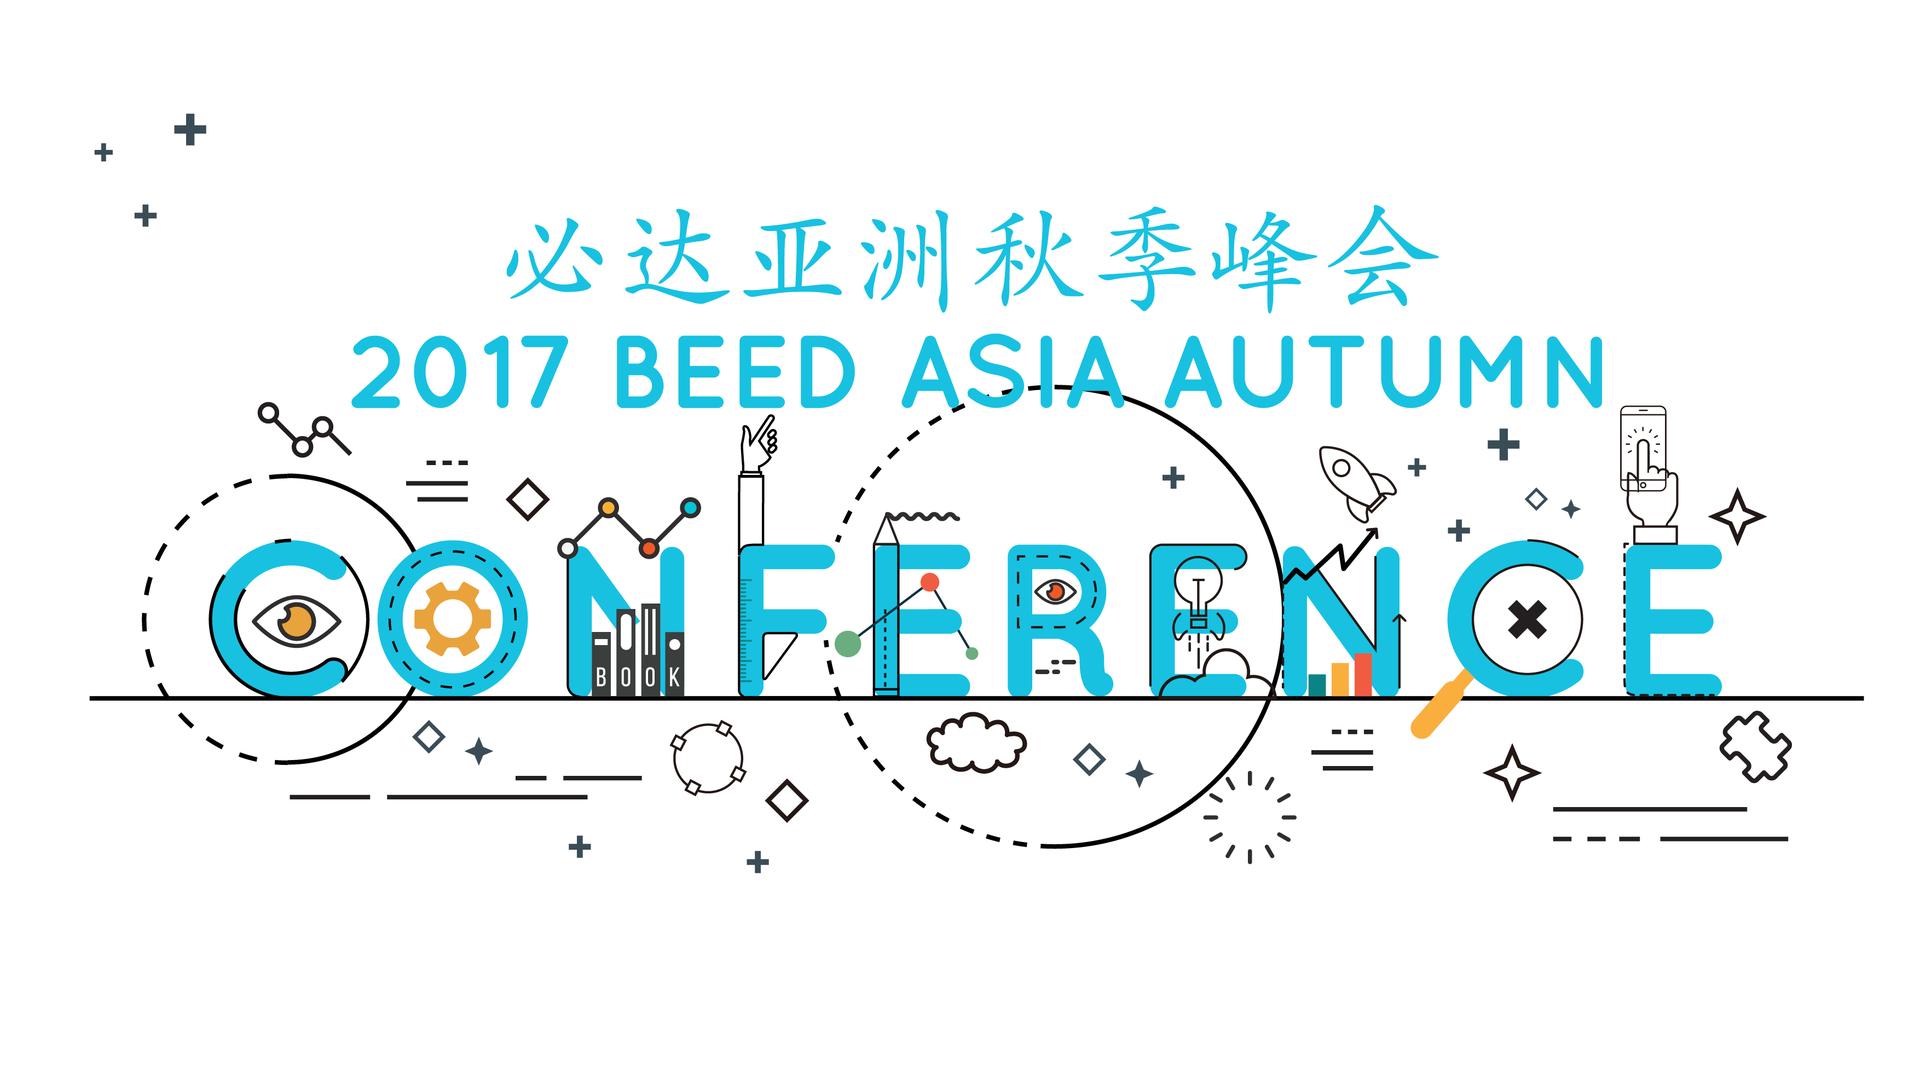 2017必达亚洲秋季峰会 BEED Asia Autumn Conference